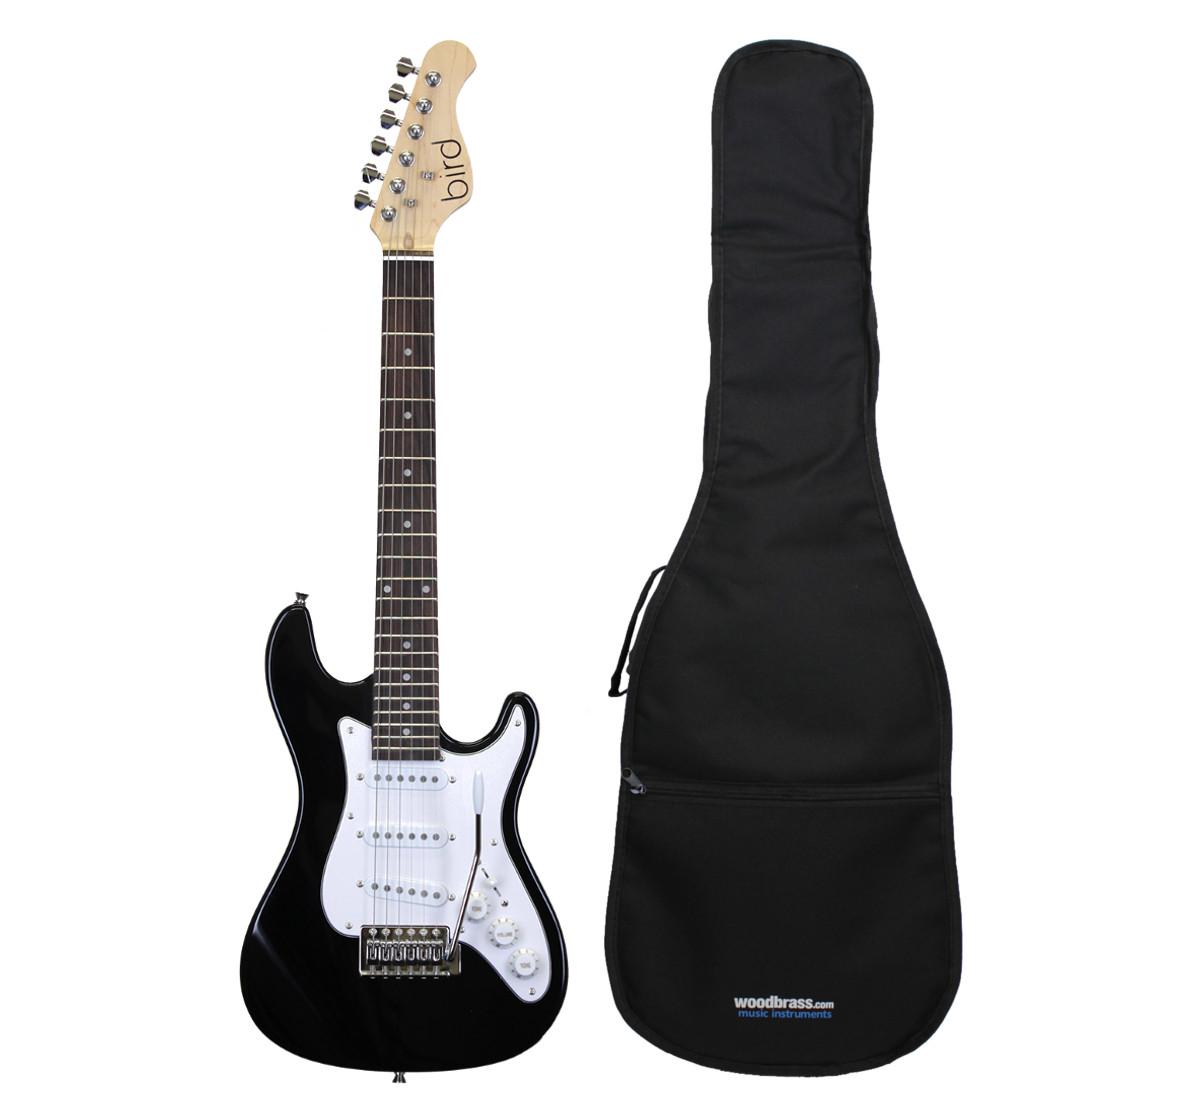 Bird Instruments Pack Stc20 Mini Black + Egb10s